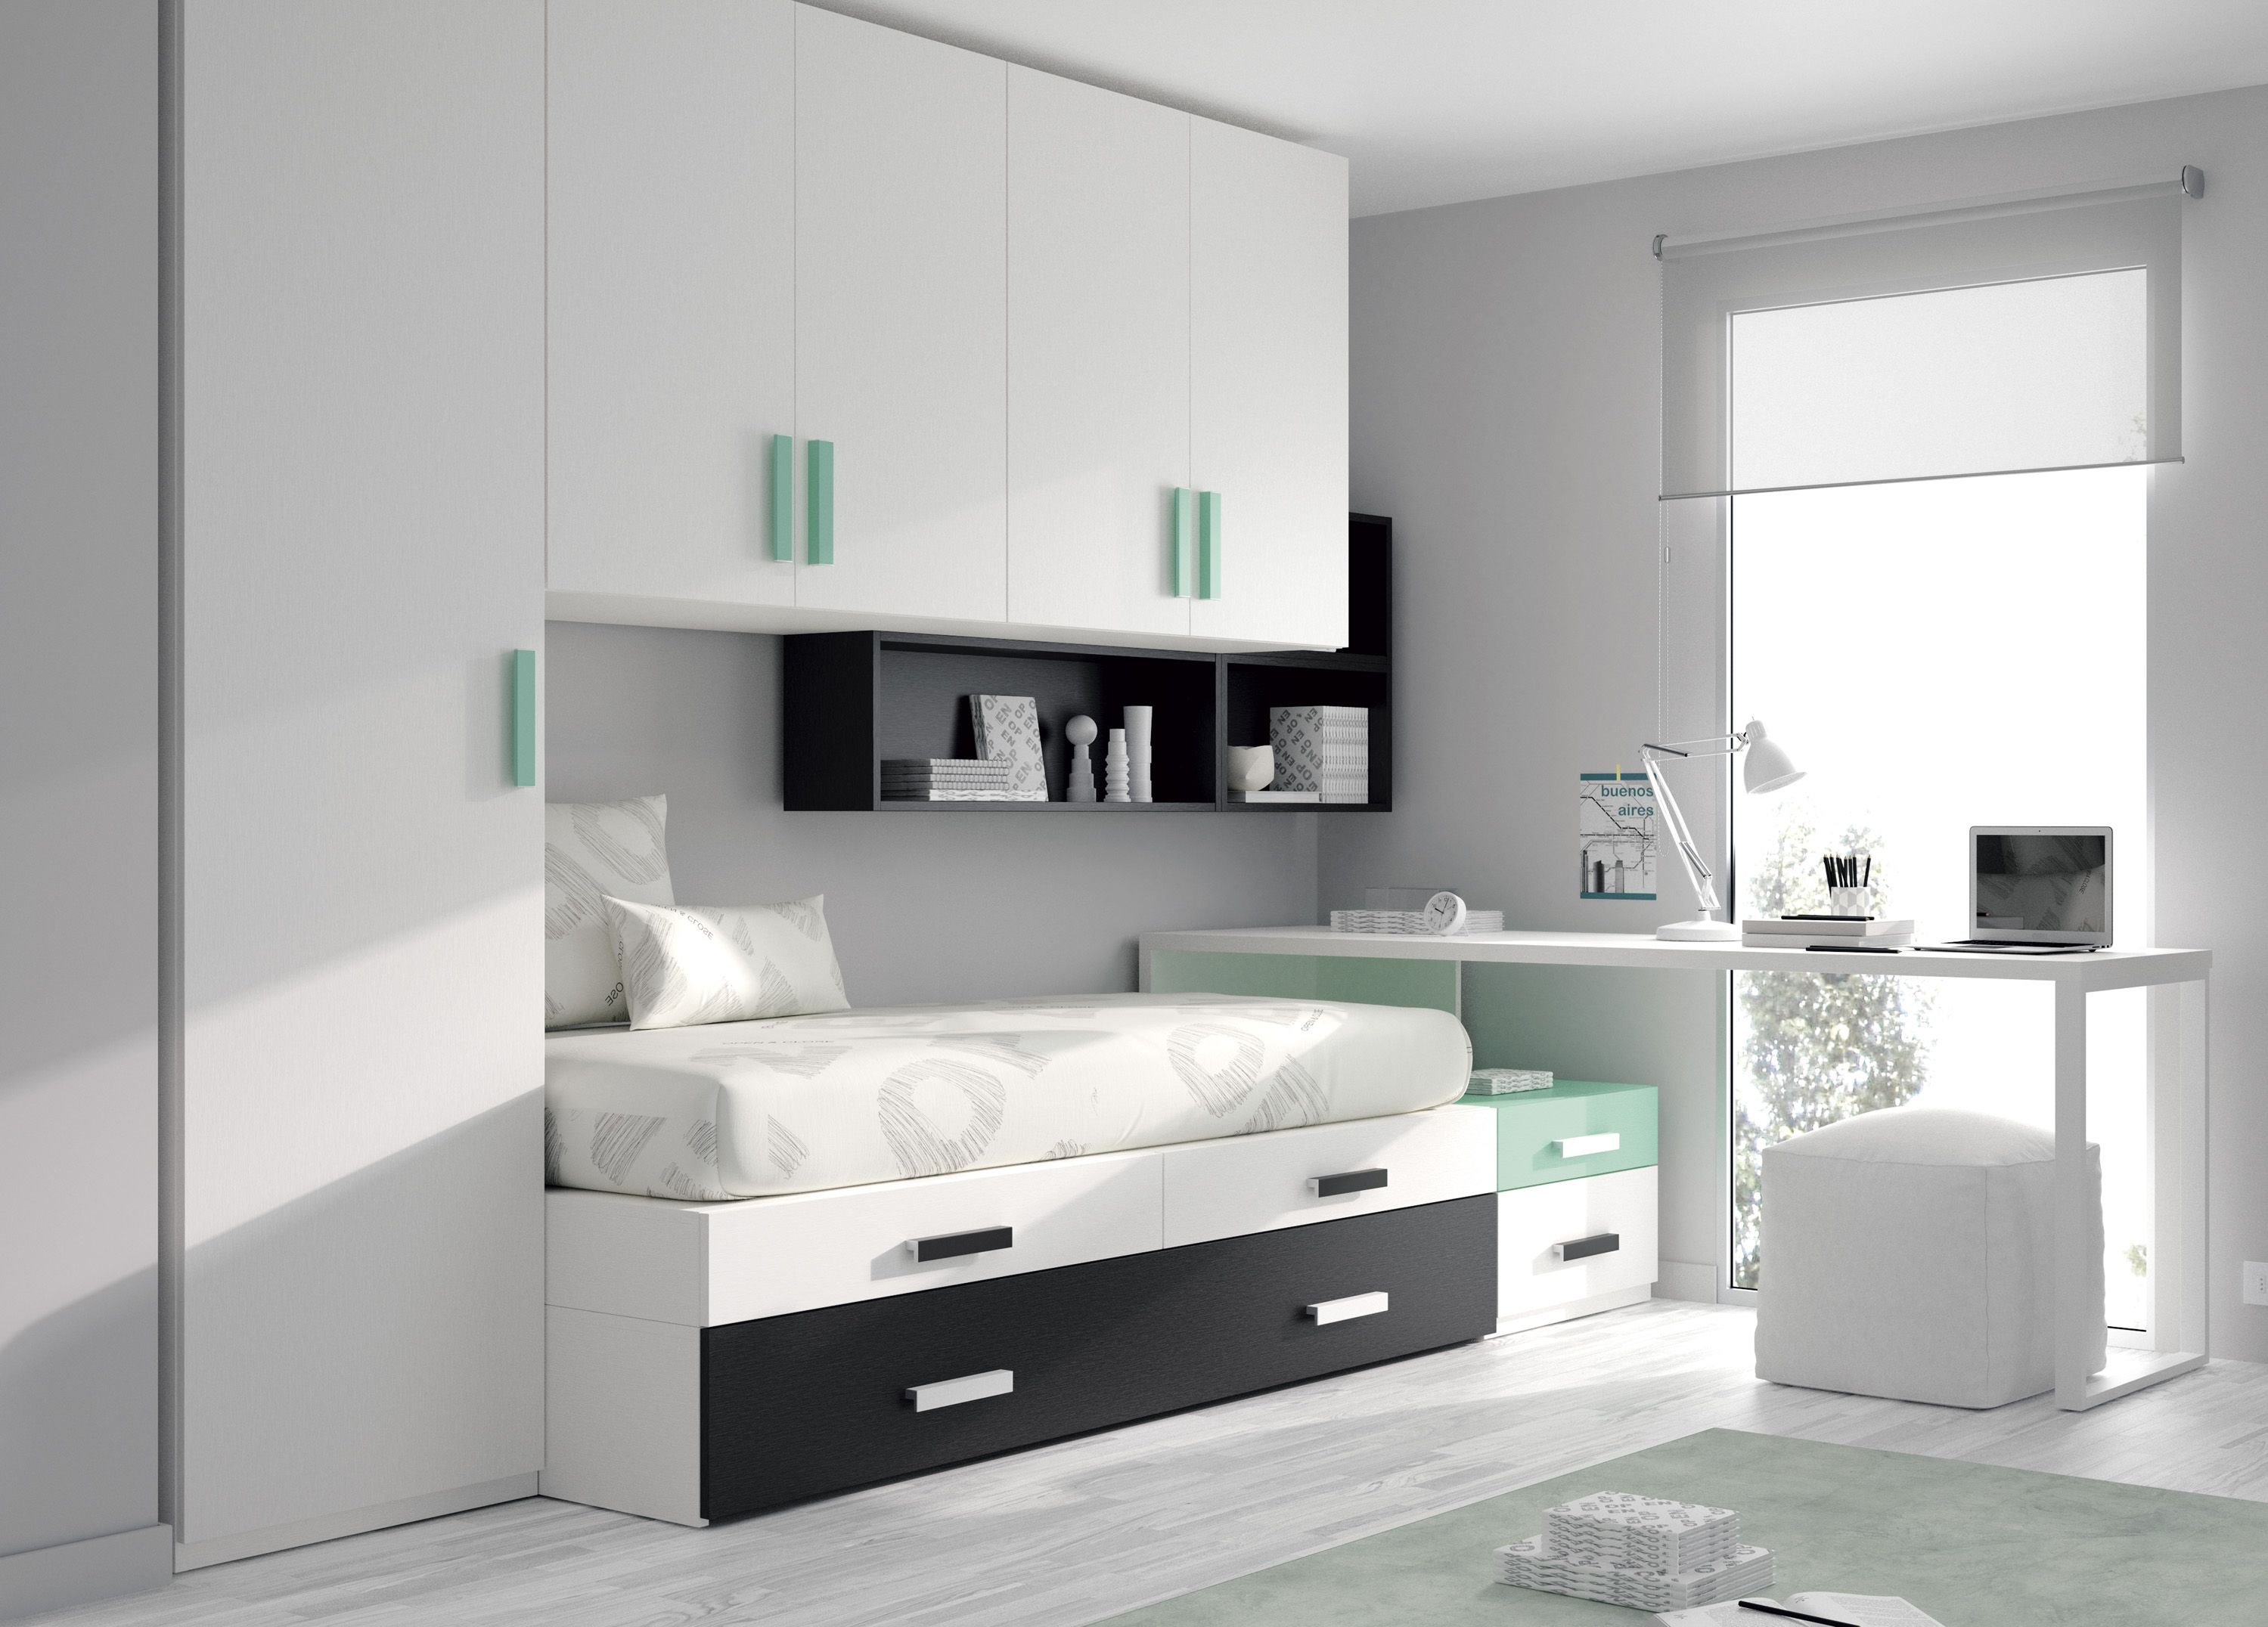 Dormitorio juvenil de mueblesros camanido for Armario habitacion nina